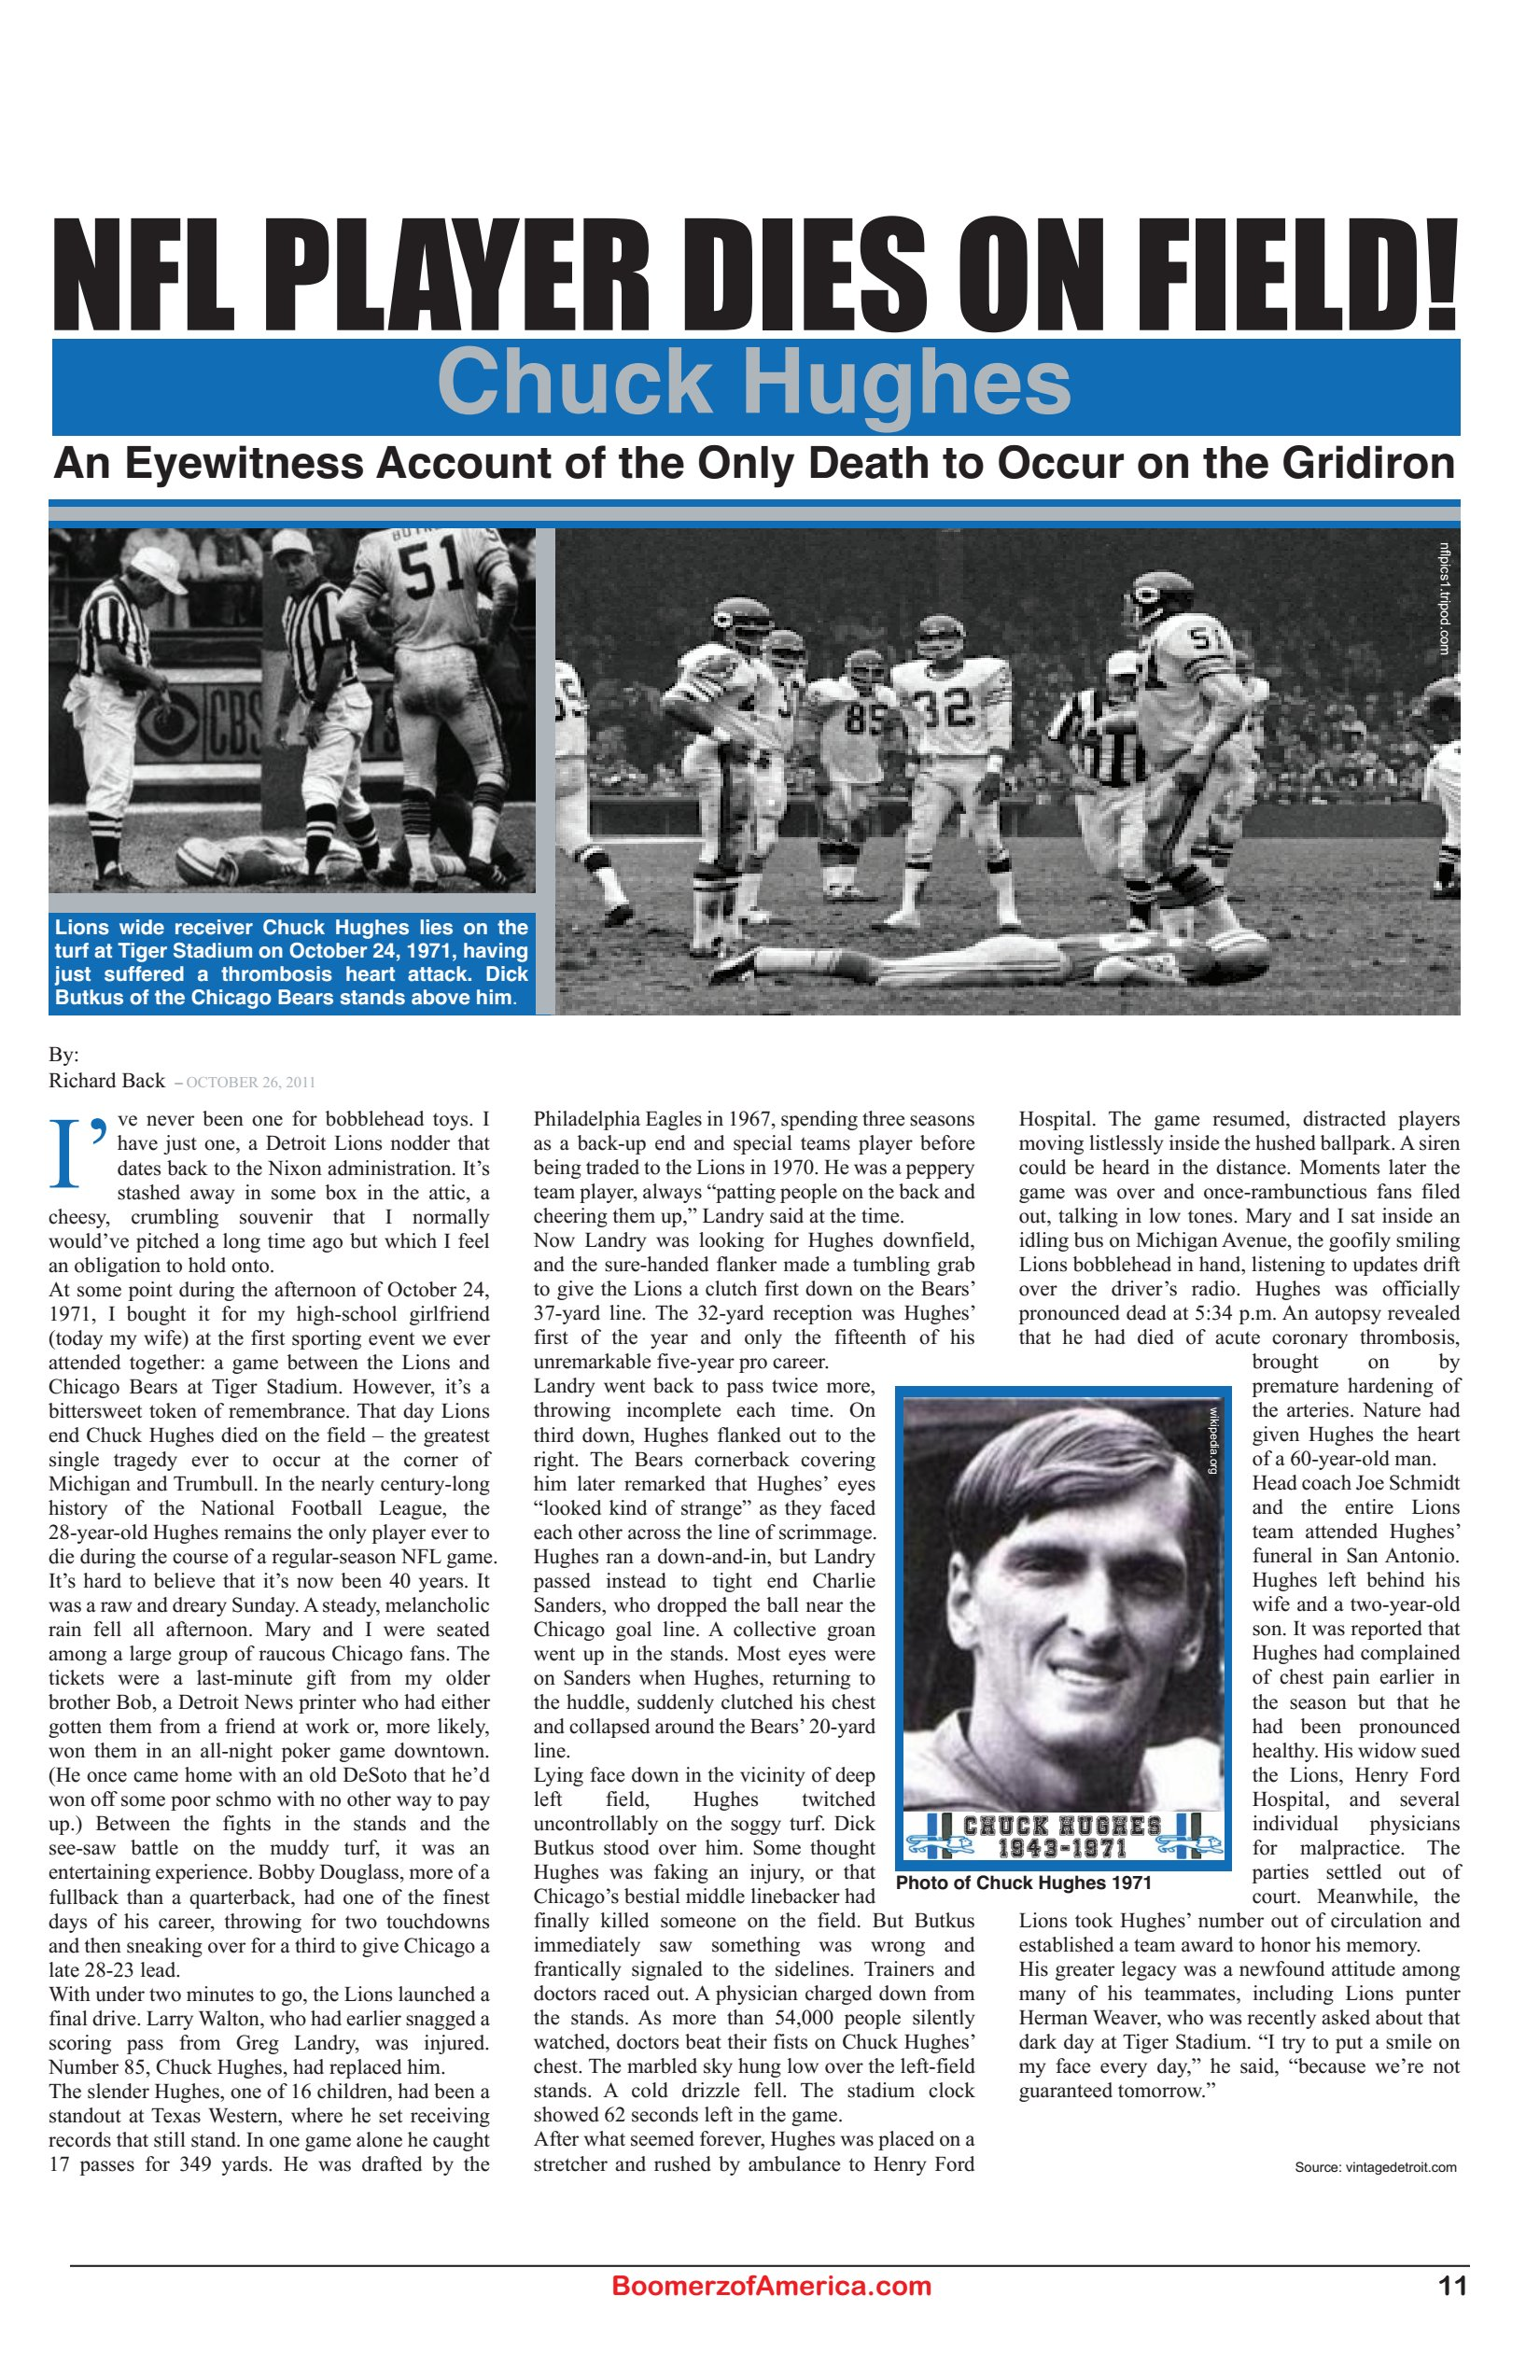 09-2019-boomerz-page-_11 NFL PLAYER DIES ON FIELD